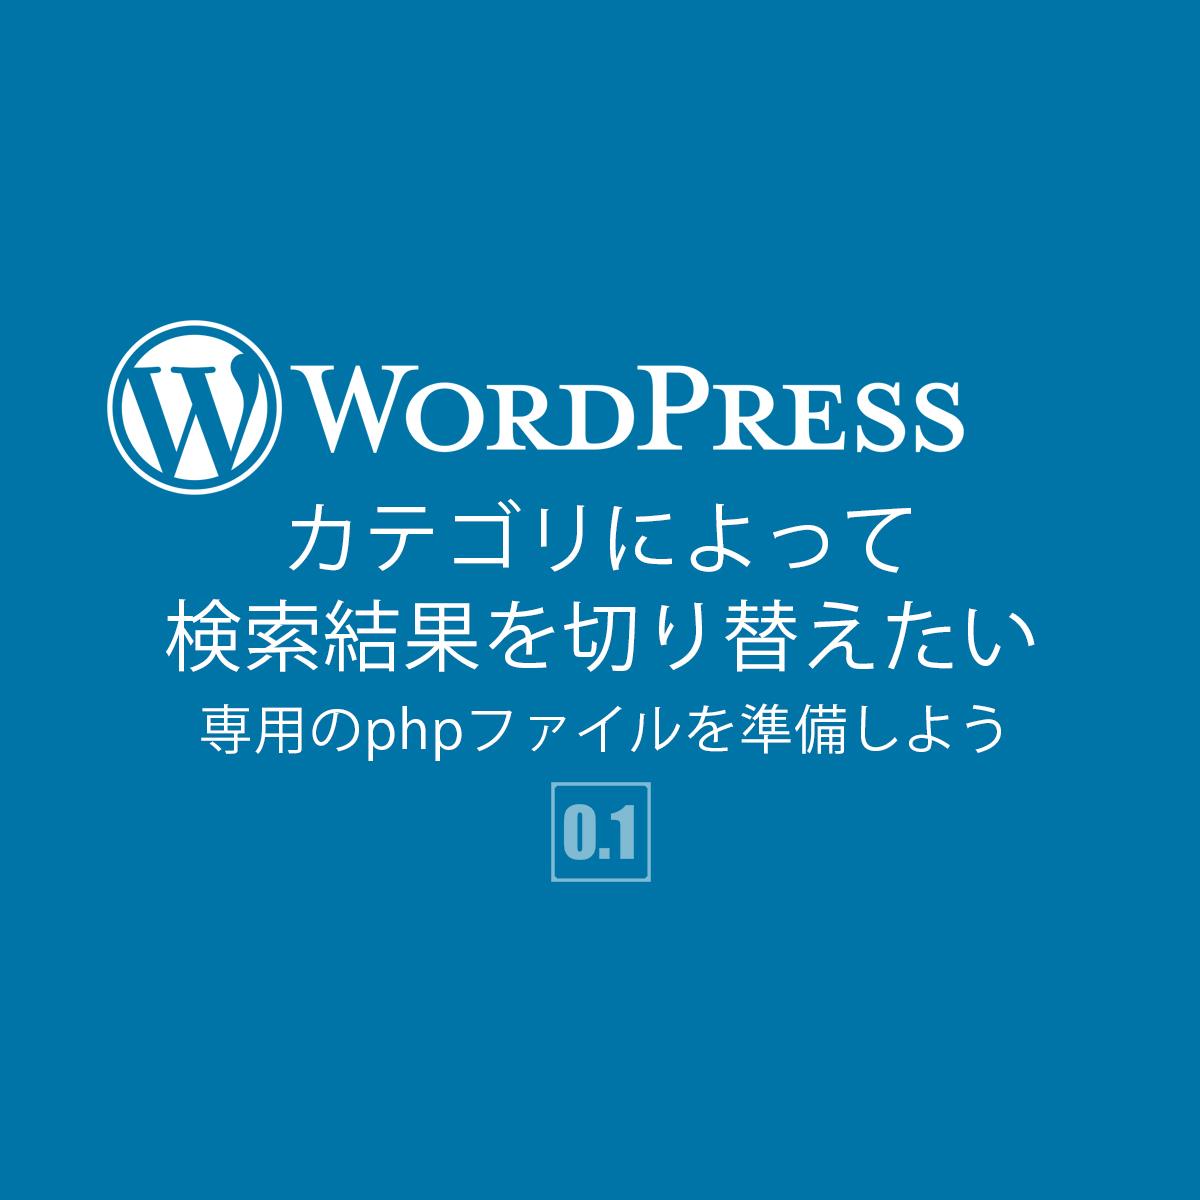 【WordPress】カテゴリによって、検索結果を差し替えたい